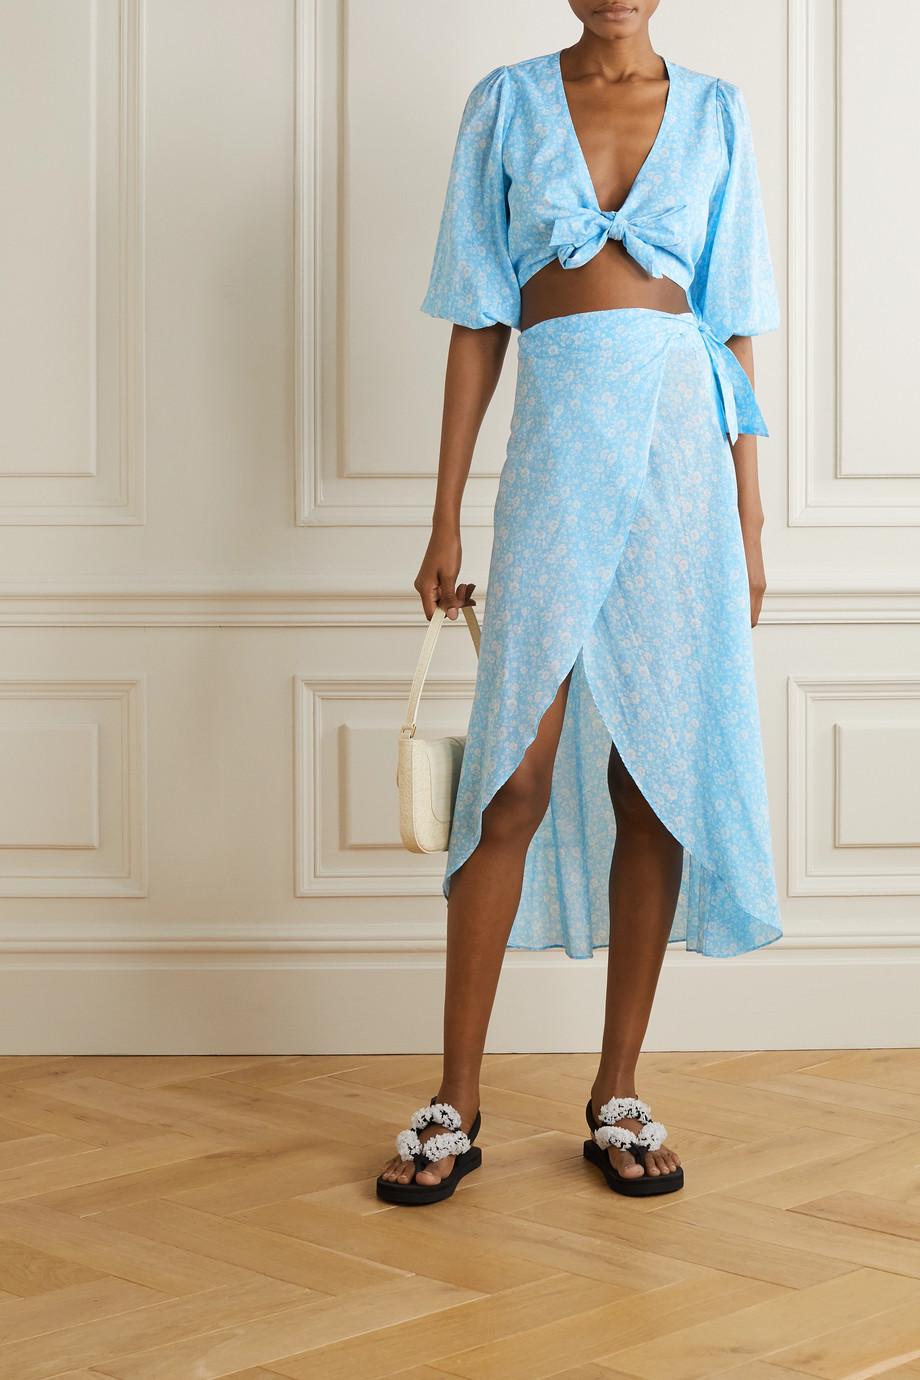 GANNI 花卉印花纯棉巴里纱围裹式中长半身裙